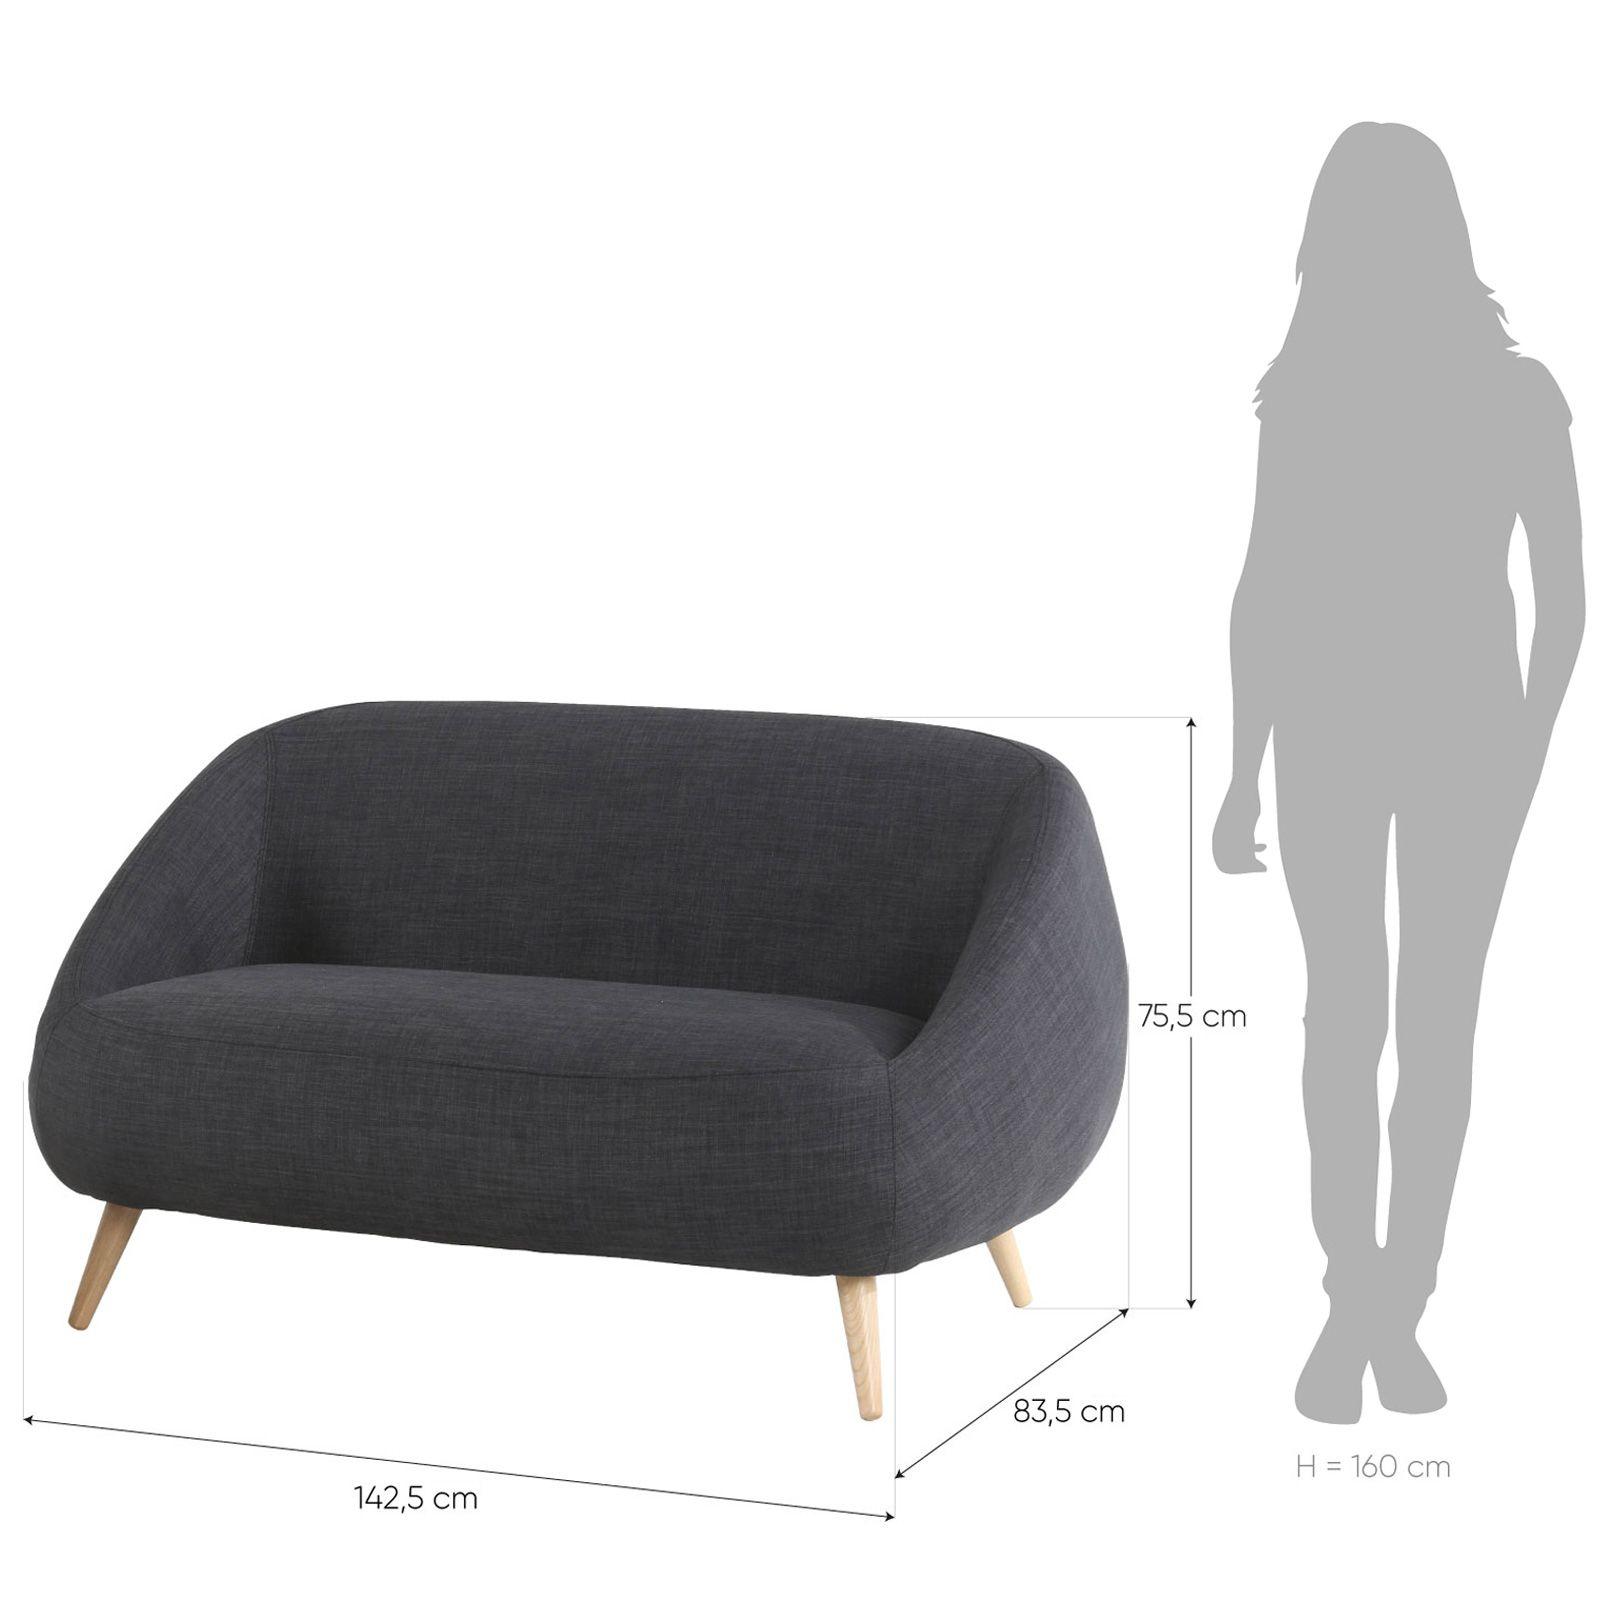 MARPE | Sofá con brazos tapizado gris oscuro (142,5 x 83,5 x 75,5 cm)